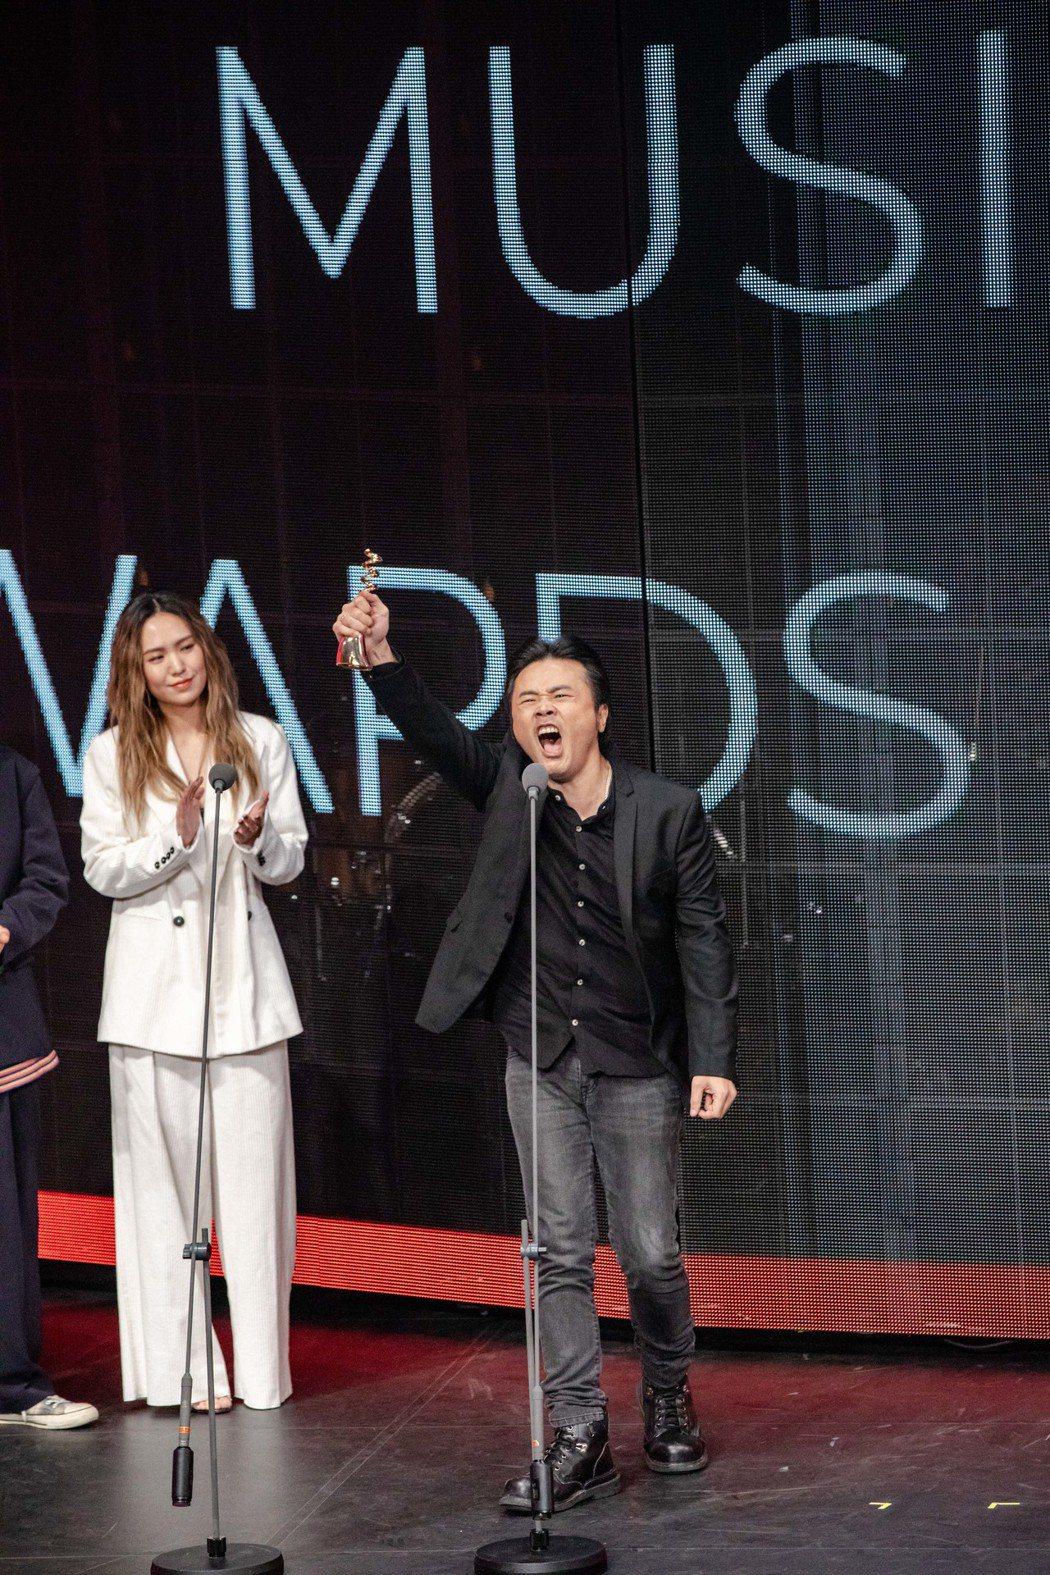 廖世賢獲得最佳創作歌手獎自虧老,台上嗆聲「我也會繼續創作,我也不會輸的!」。圖/...